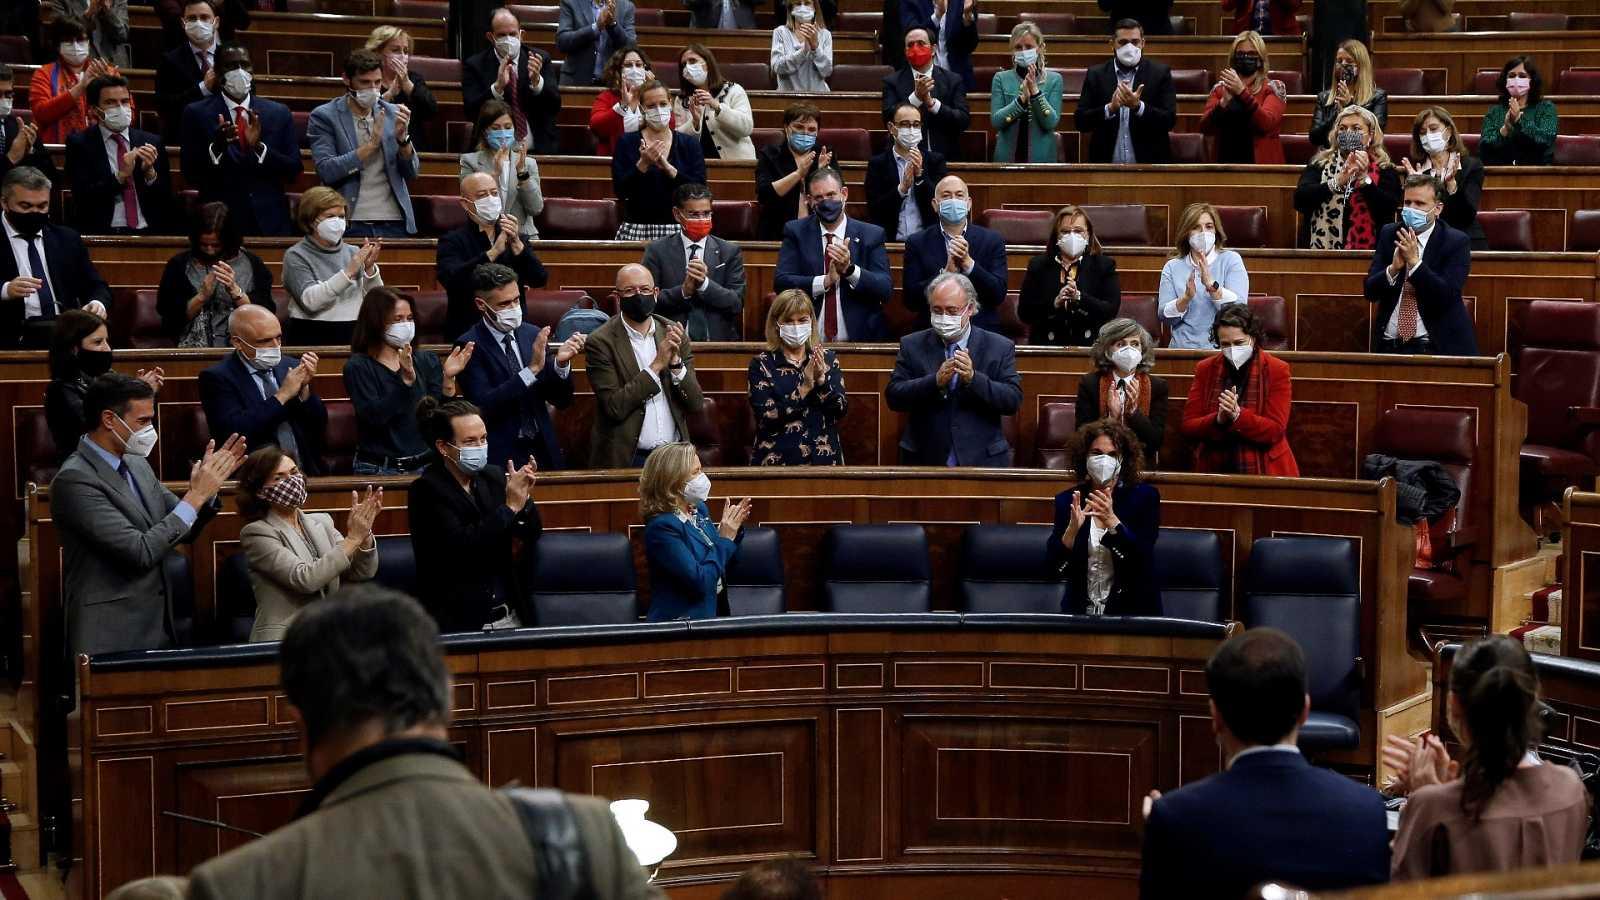 El Congreso da luz verde a los Presupuestos con una amplia mayoría